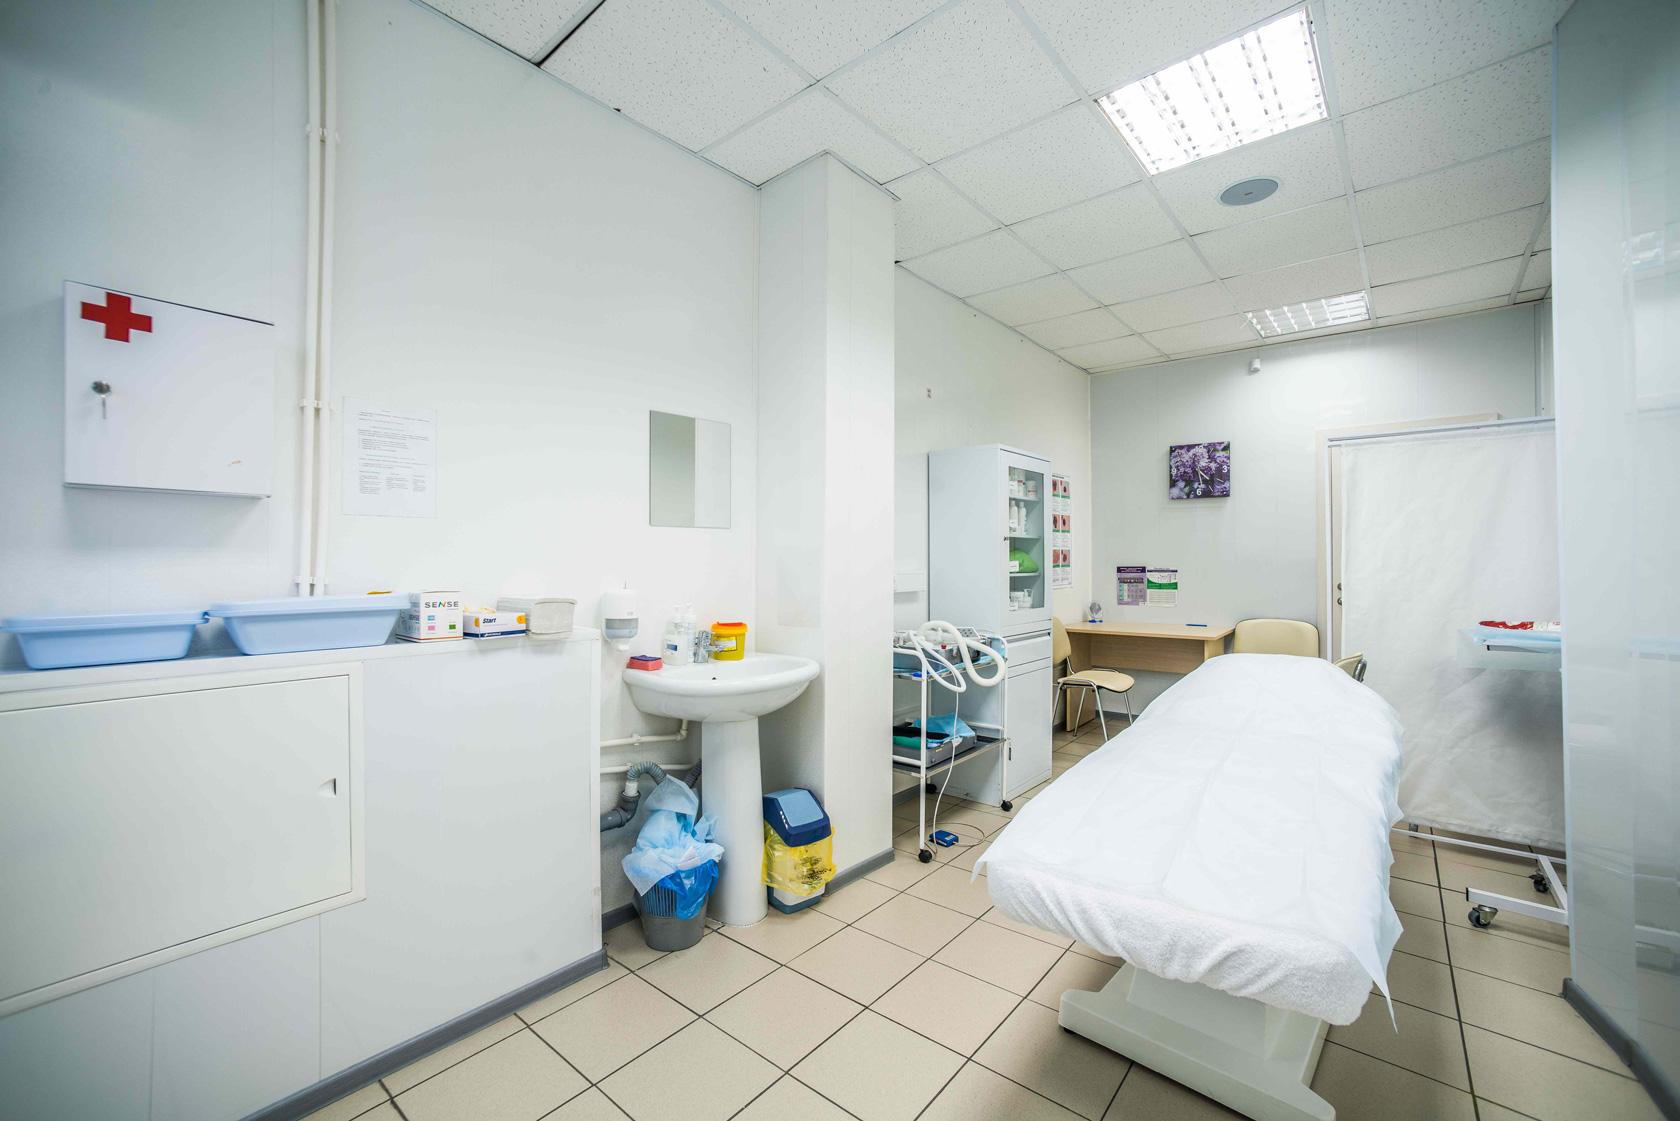 Фотогалерея клиники косметологии Beauty Med г. Долгопрудный